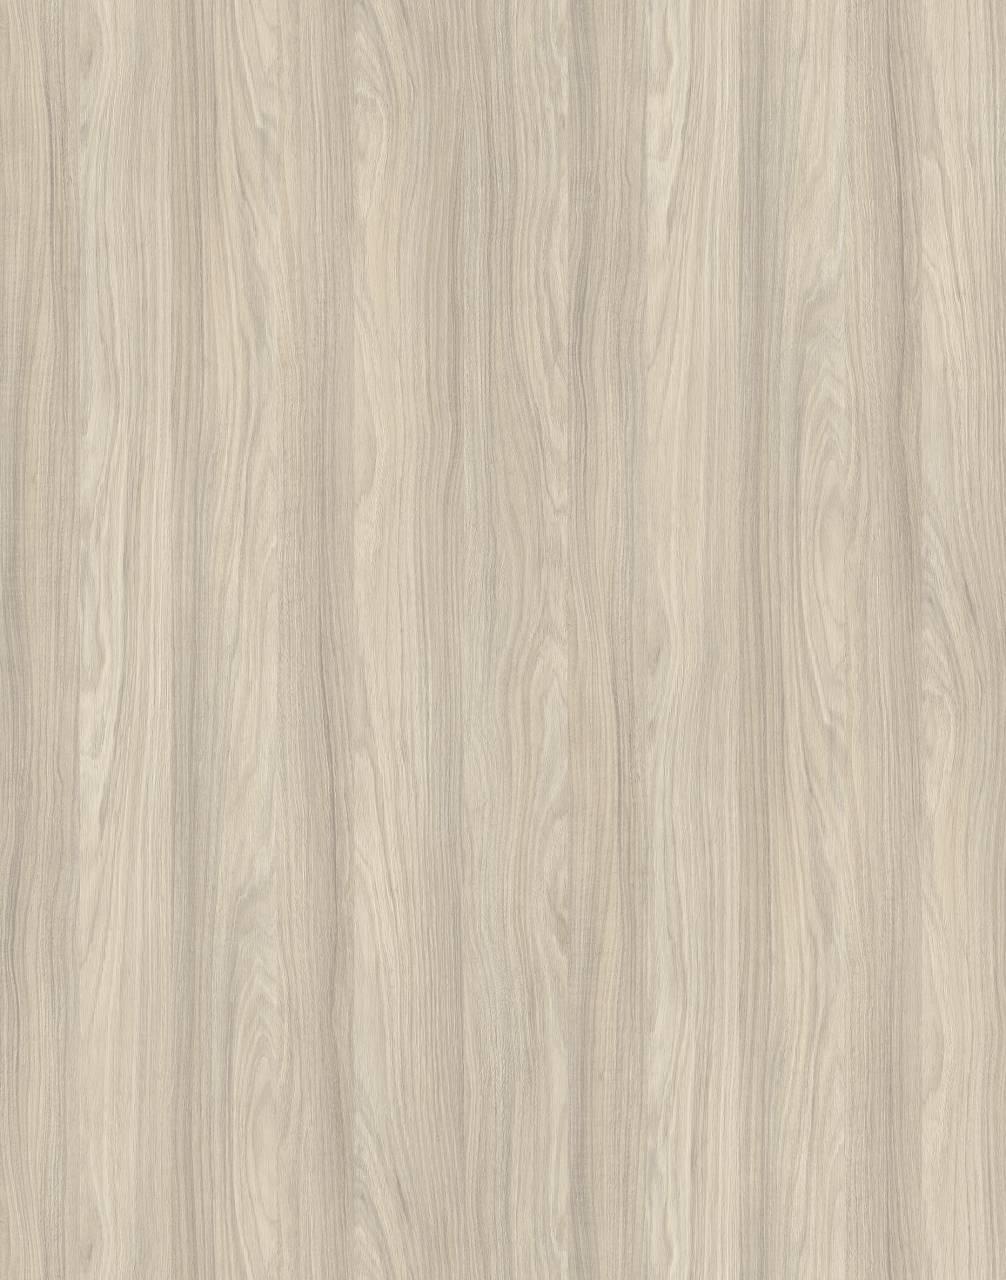 K022 Satin Blackwood (MF PB sample)